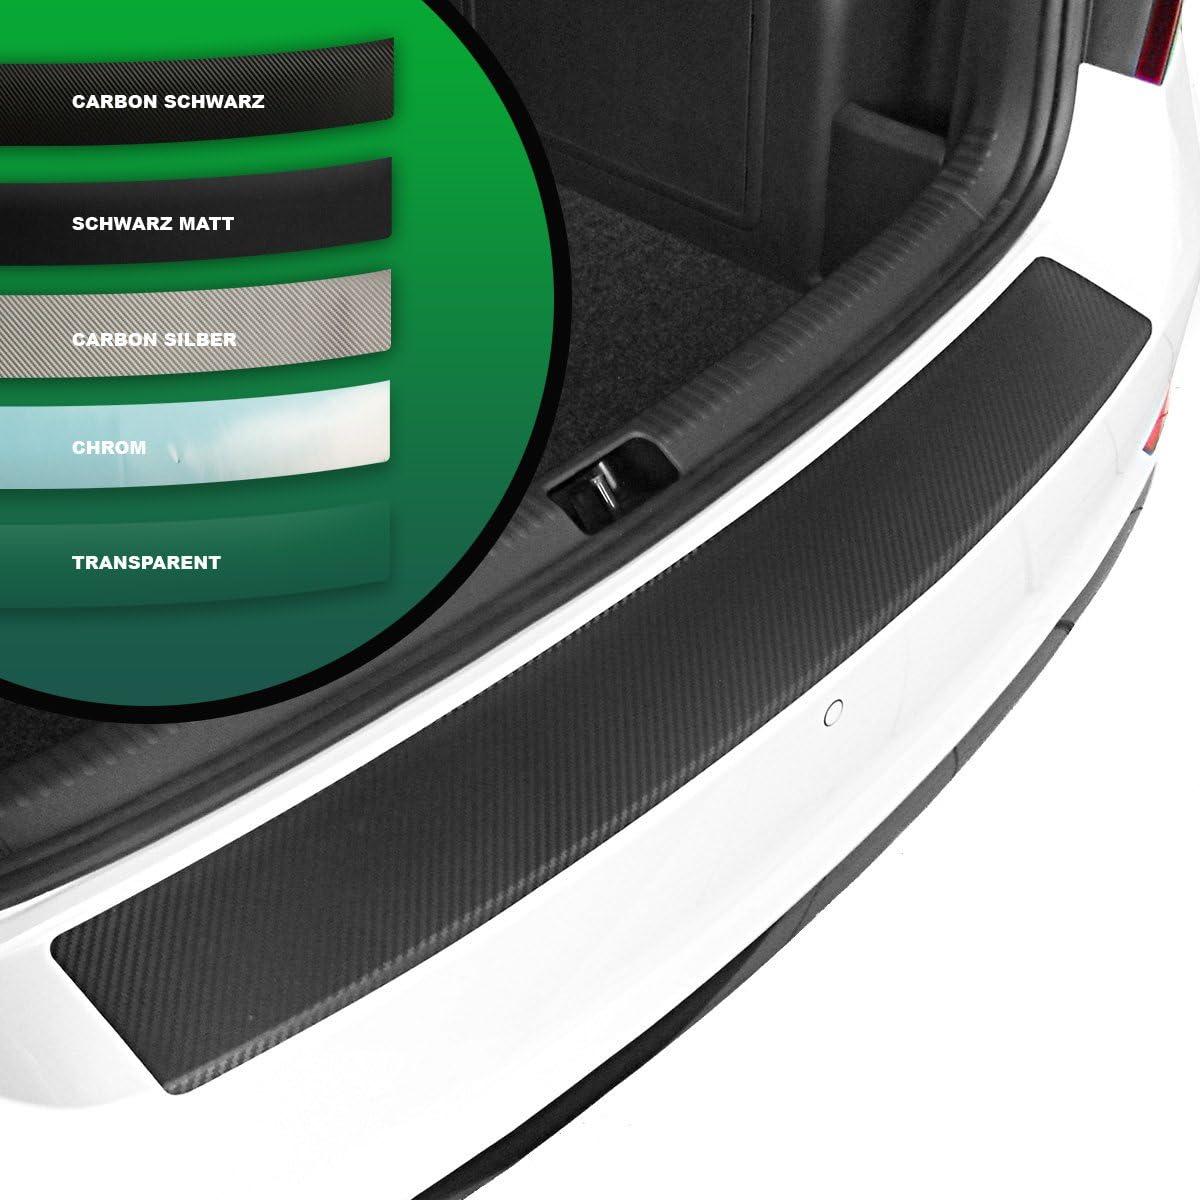 Tuneon Ladekantenschutz Für Kona Carbon Schwarz Silber Chrom Transparent Wählbar Carbon Schwarz Auto